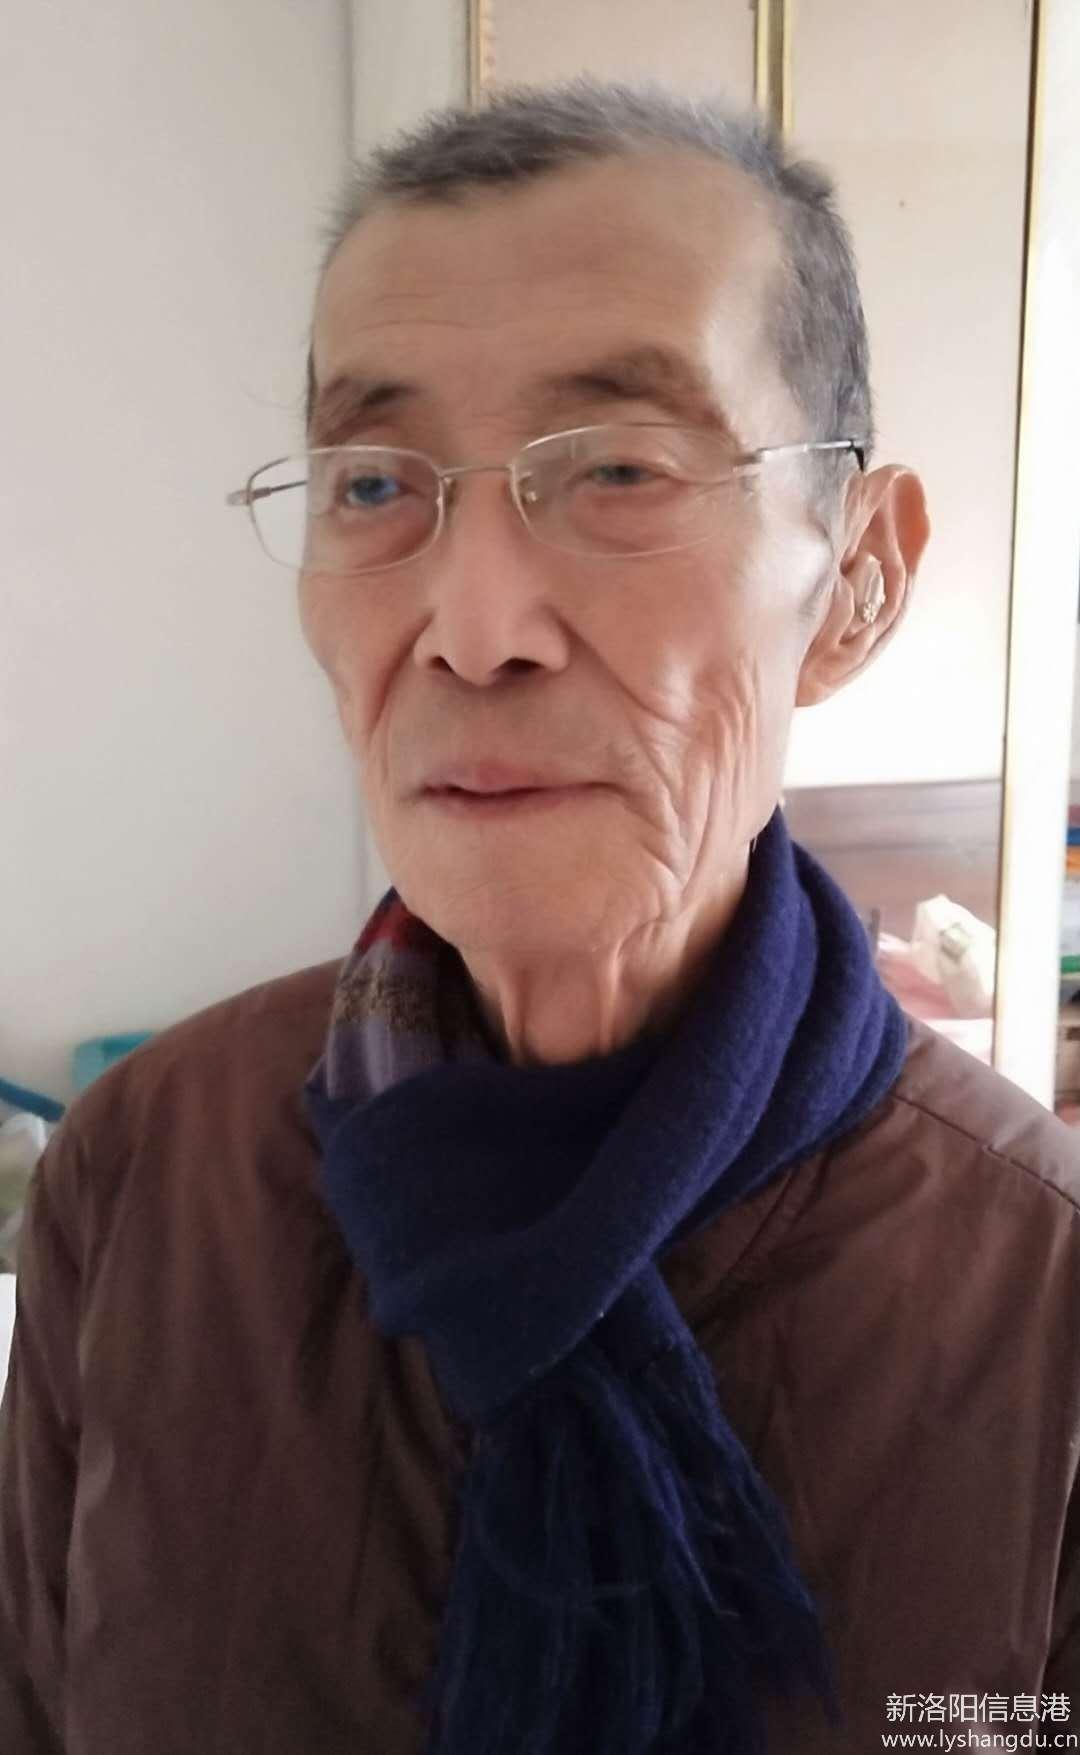 岳父写了一首抗疫情的诗《逆硝烟》仅供大家欣赏!